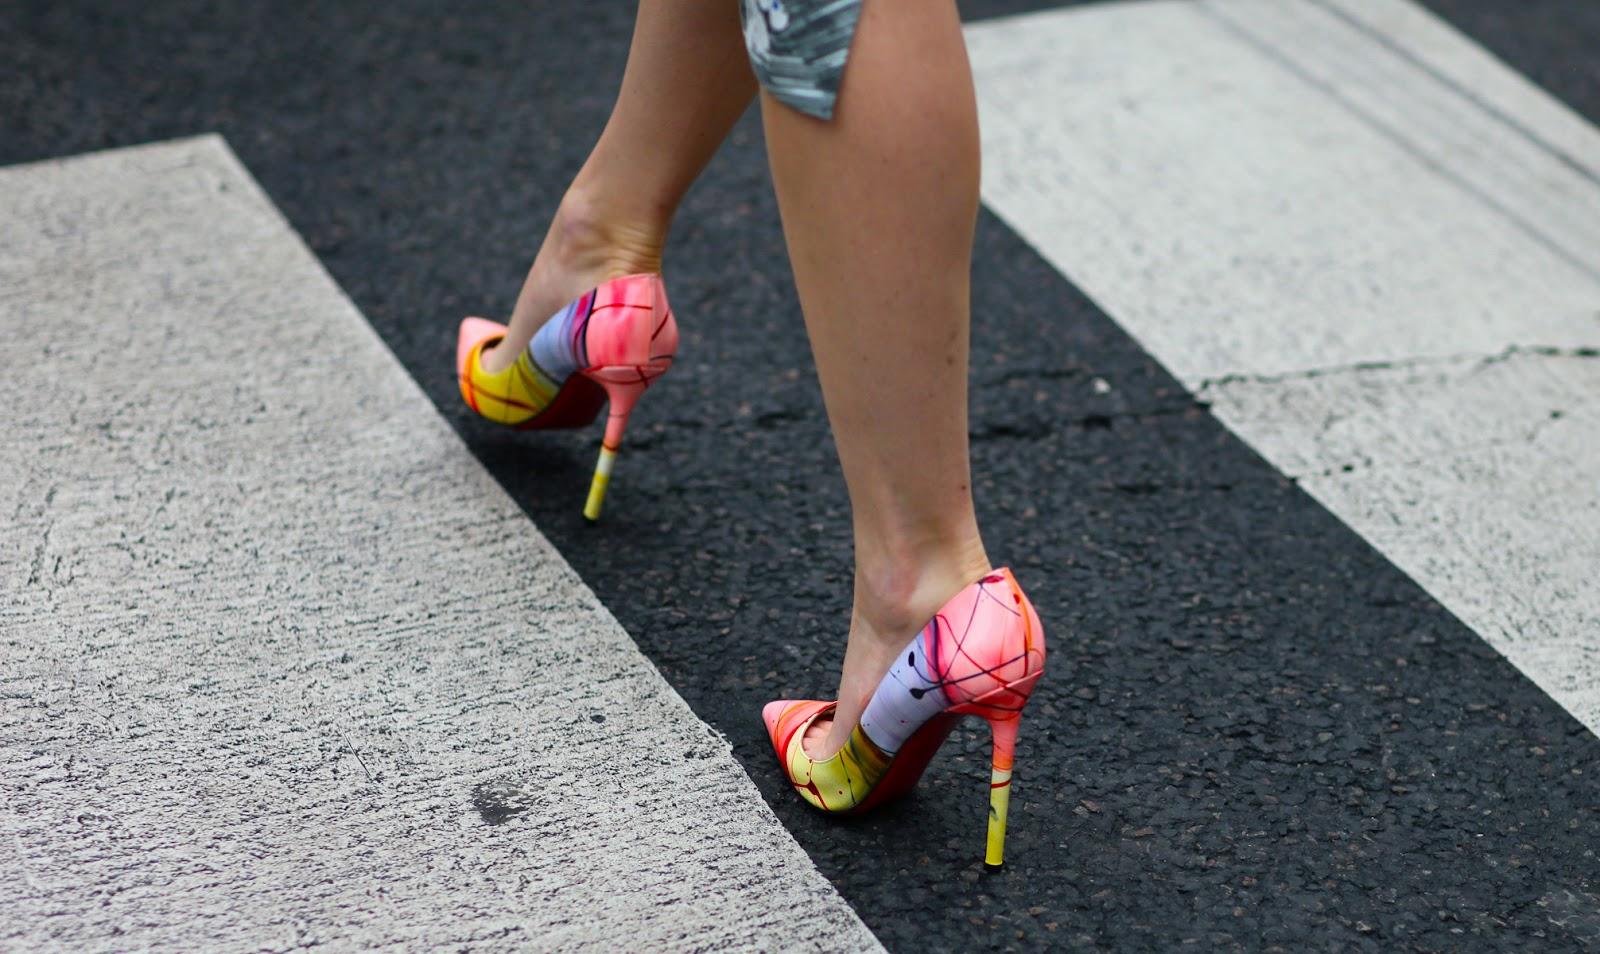 street-style-5-12_131726967061Chrisian+Louboutin+heels